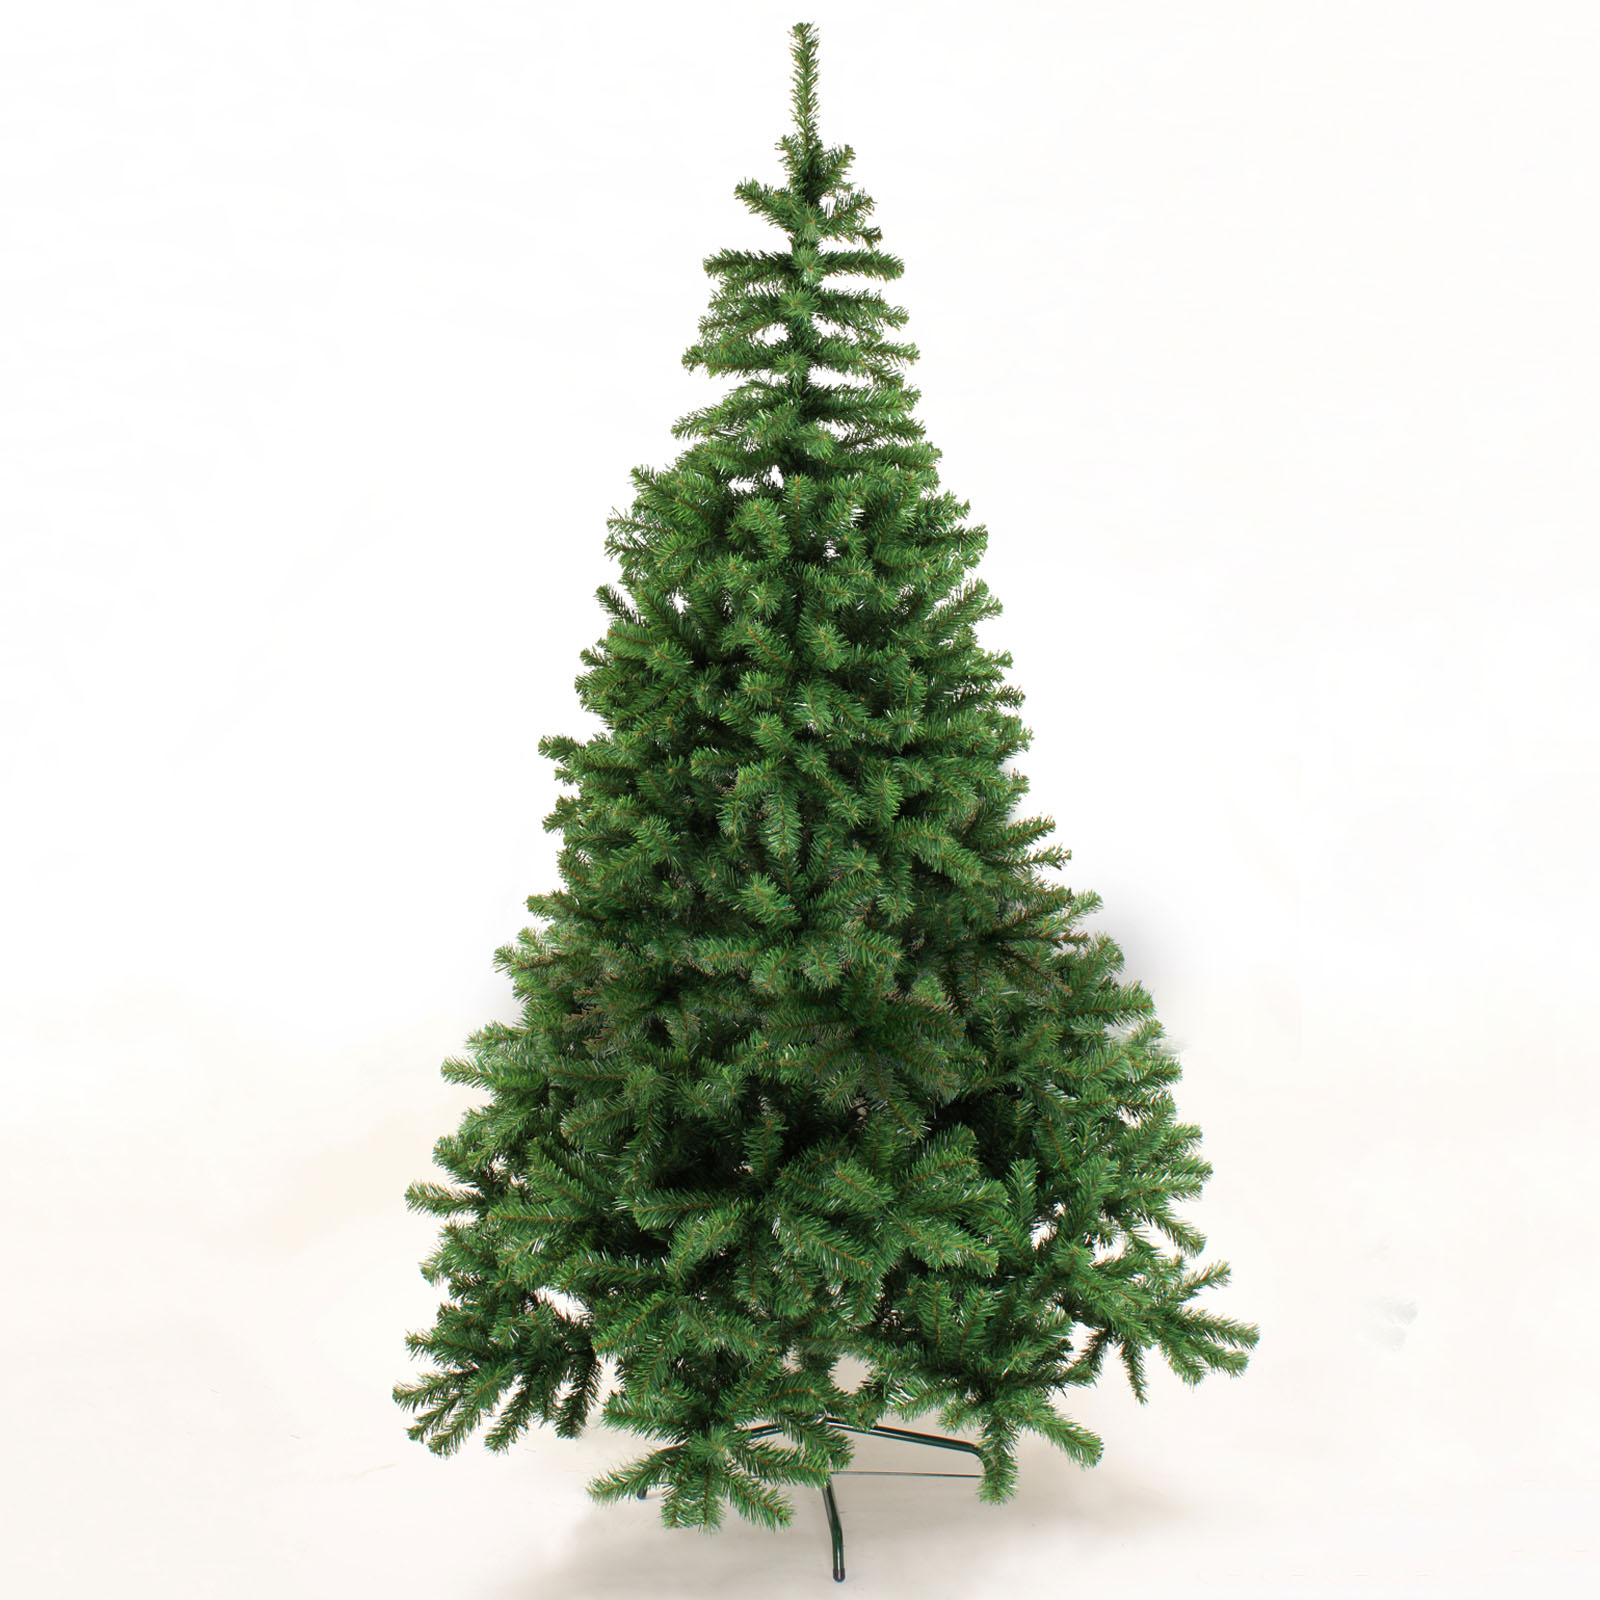 weihnachtsbaum kunstbaum k nstlicher tannenbaum 5 h hen. Black Bedroom Furniture Sets. Home Design Ideas